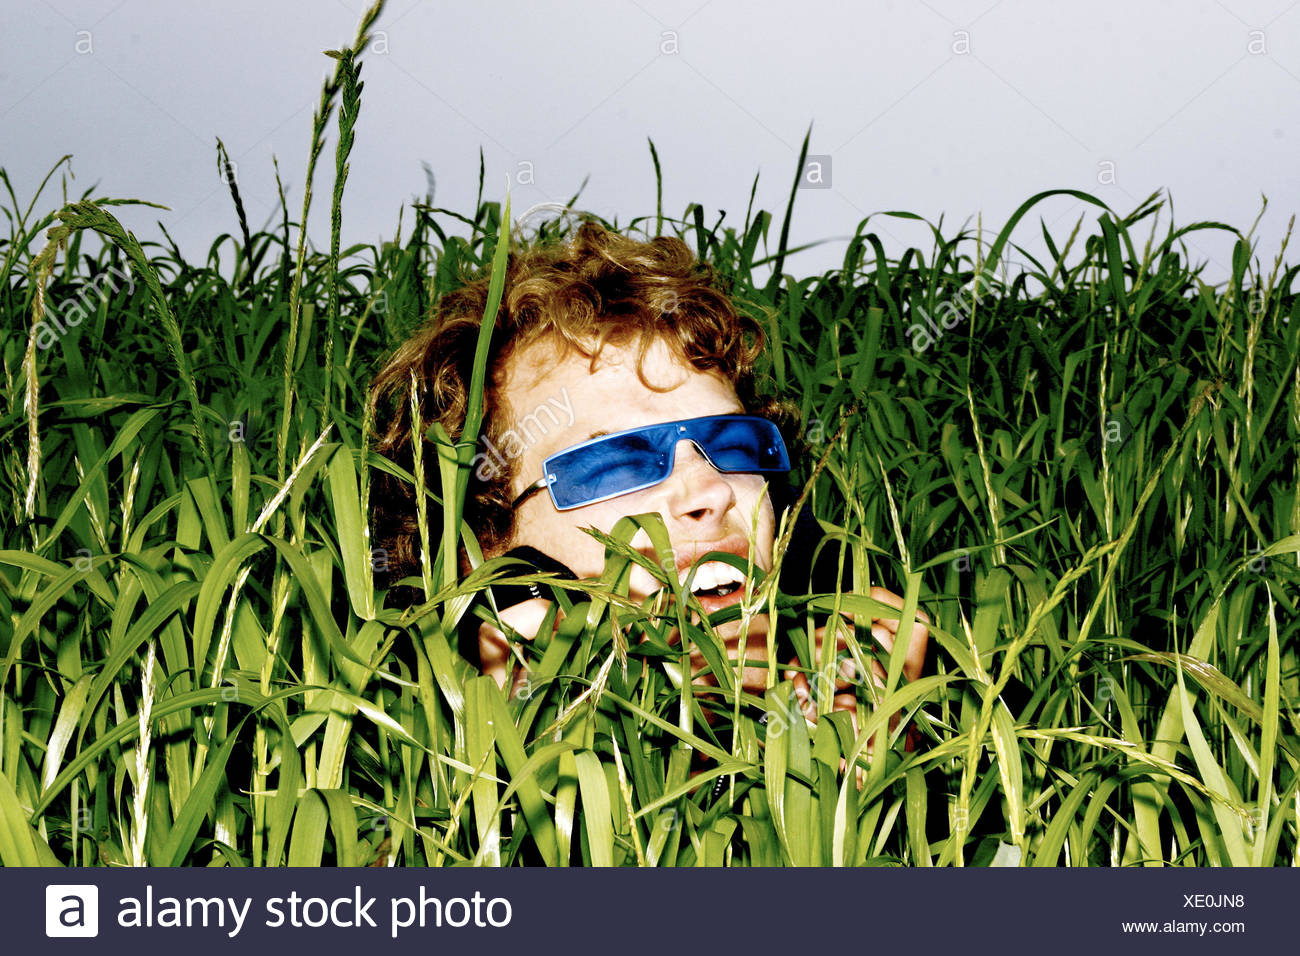 7127c3e2a9 Prado, hierba, hombre, joven, gafas de sol, de alto nivel de opiniones,  retrato, retrato del hombre, ...